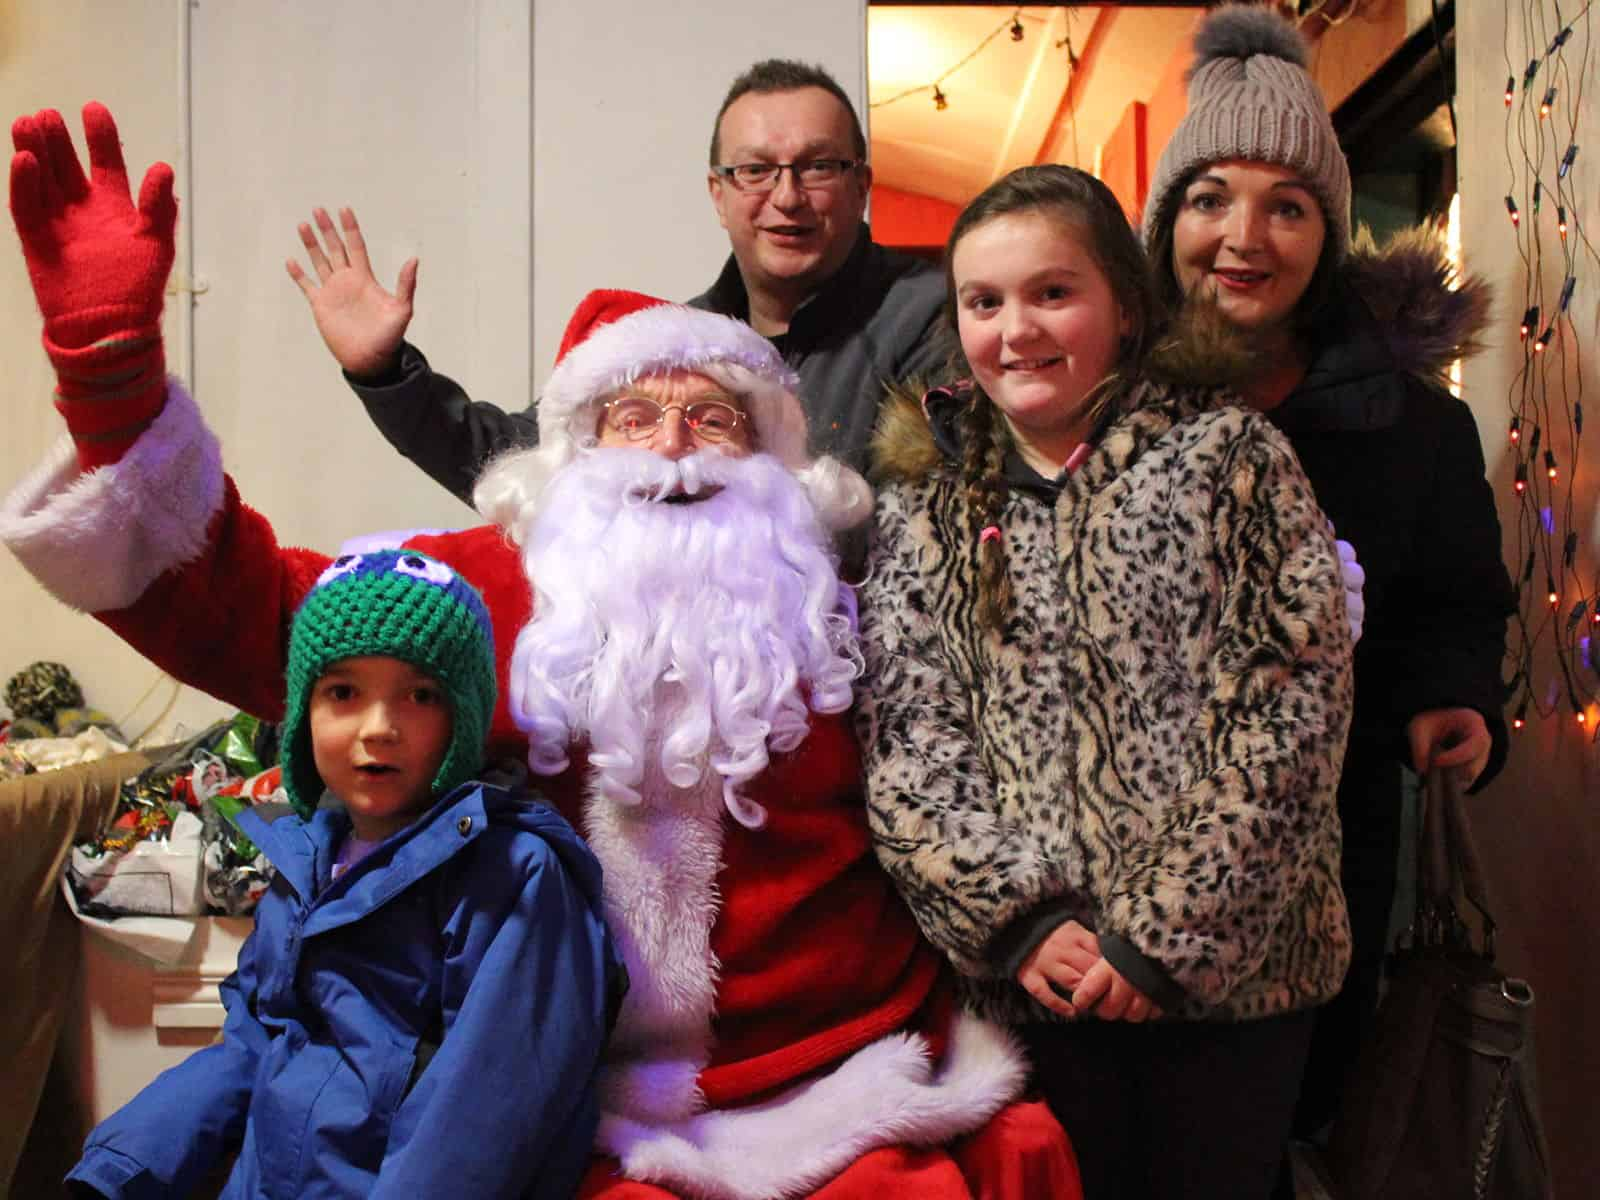 Happy families Ho-ho-ho-ing with Santa